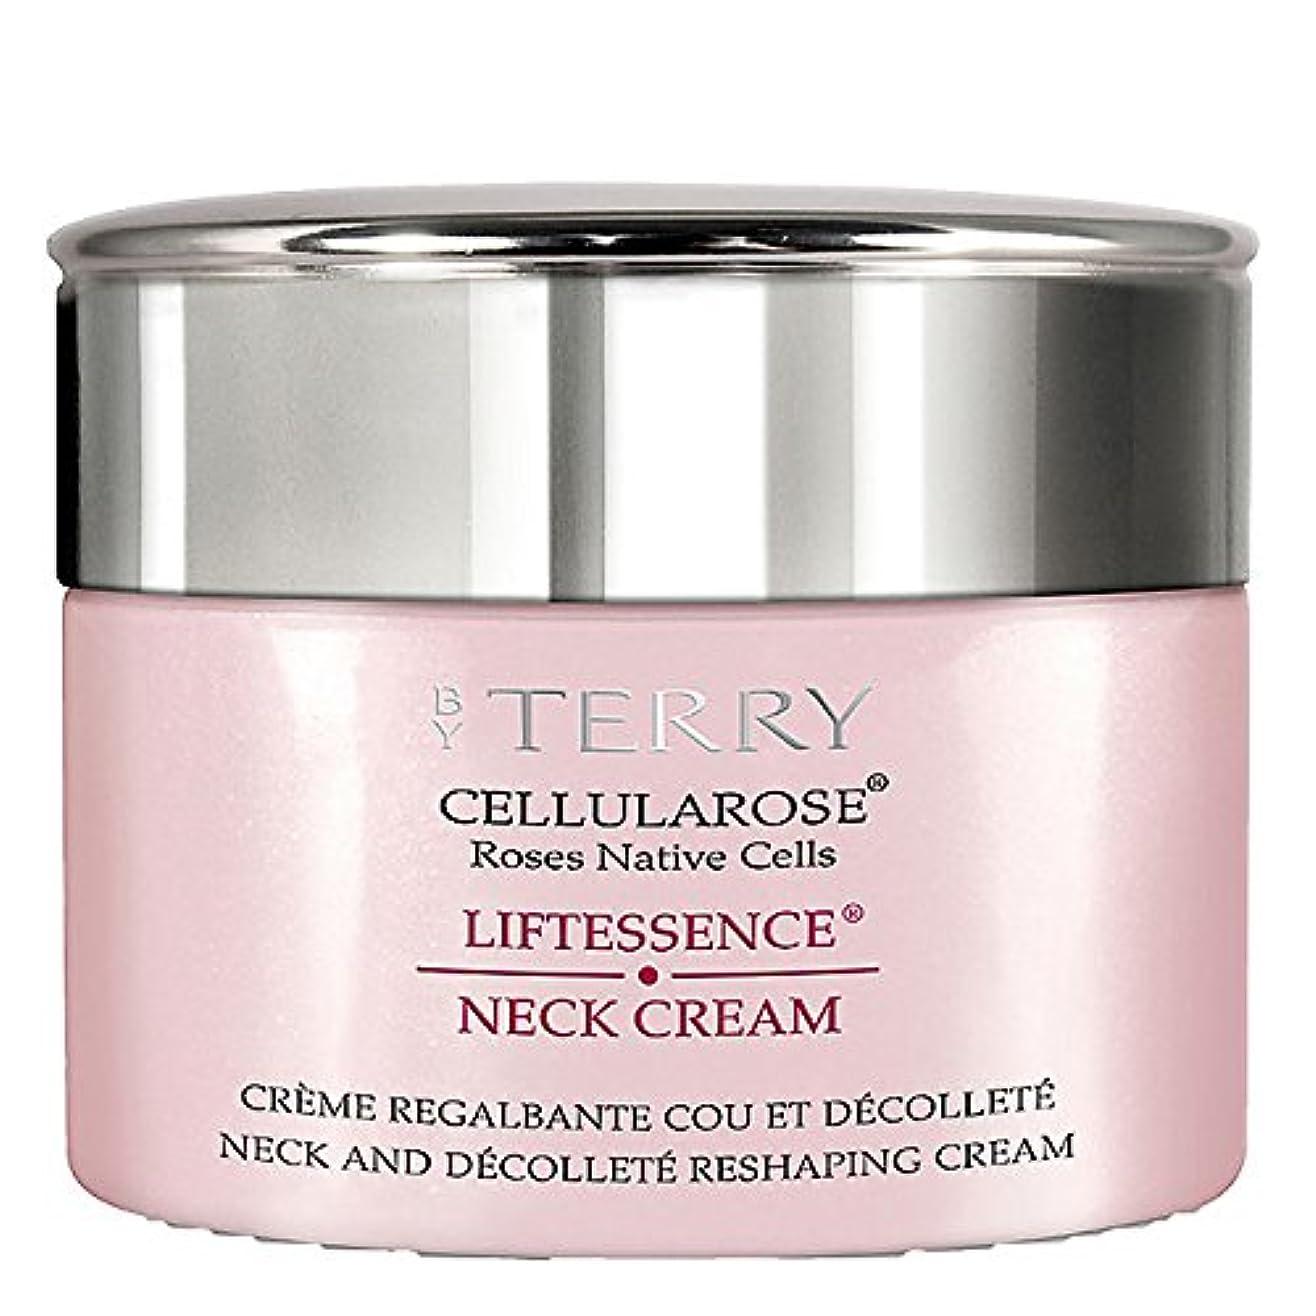 報奨金フルート吸収するバイテリー Cellularose Liftessence Neck & Decollete Reshaping Cream 50g/1.7oz並行輸入品